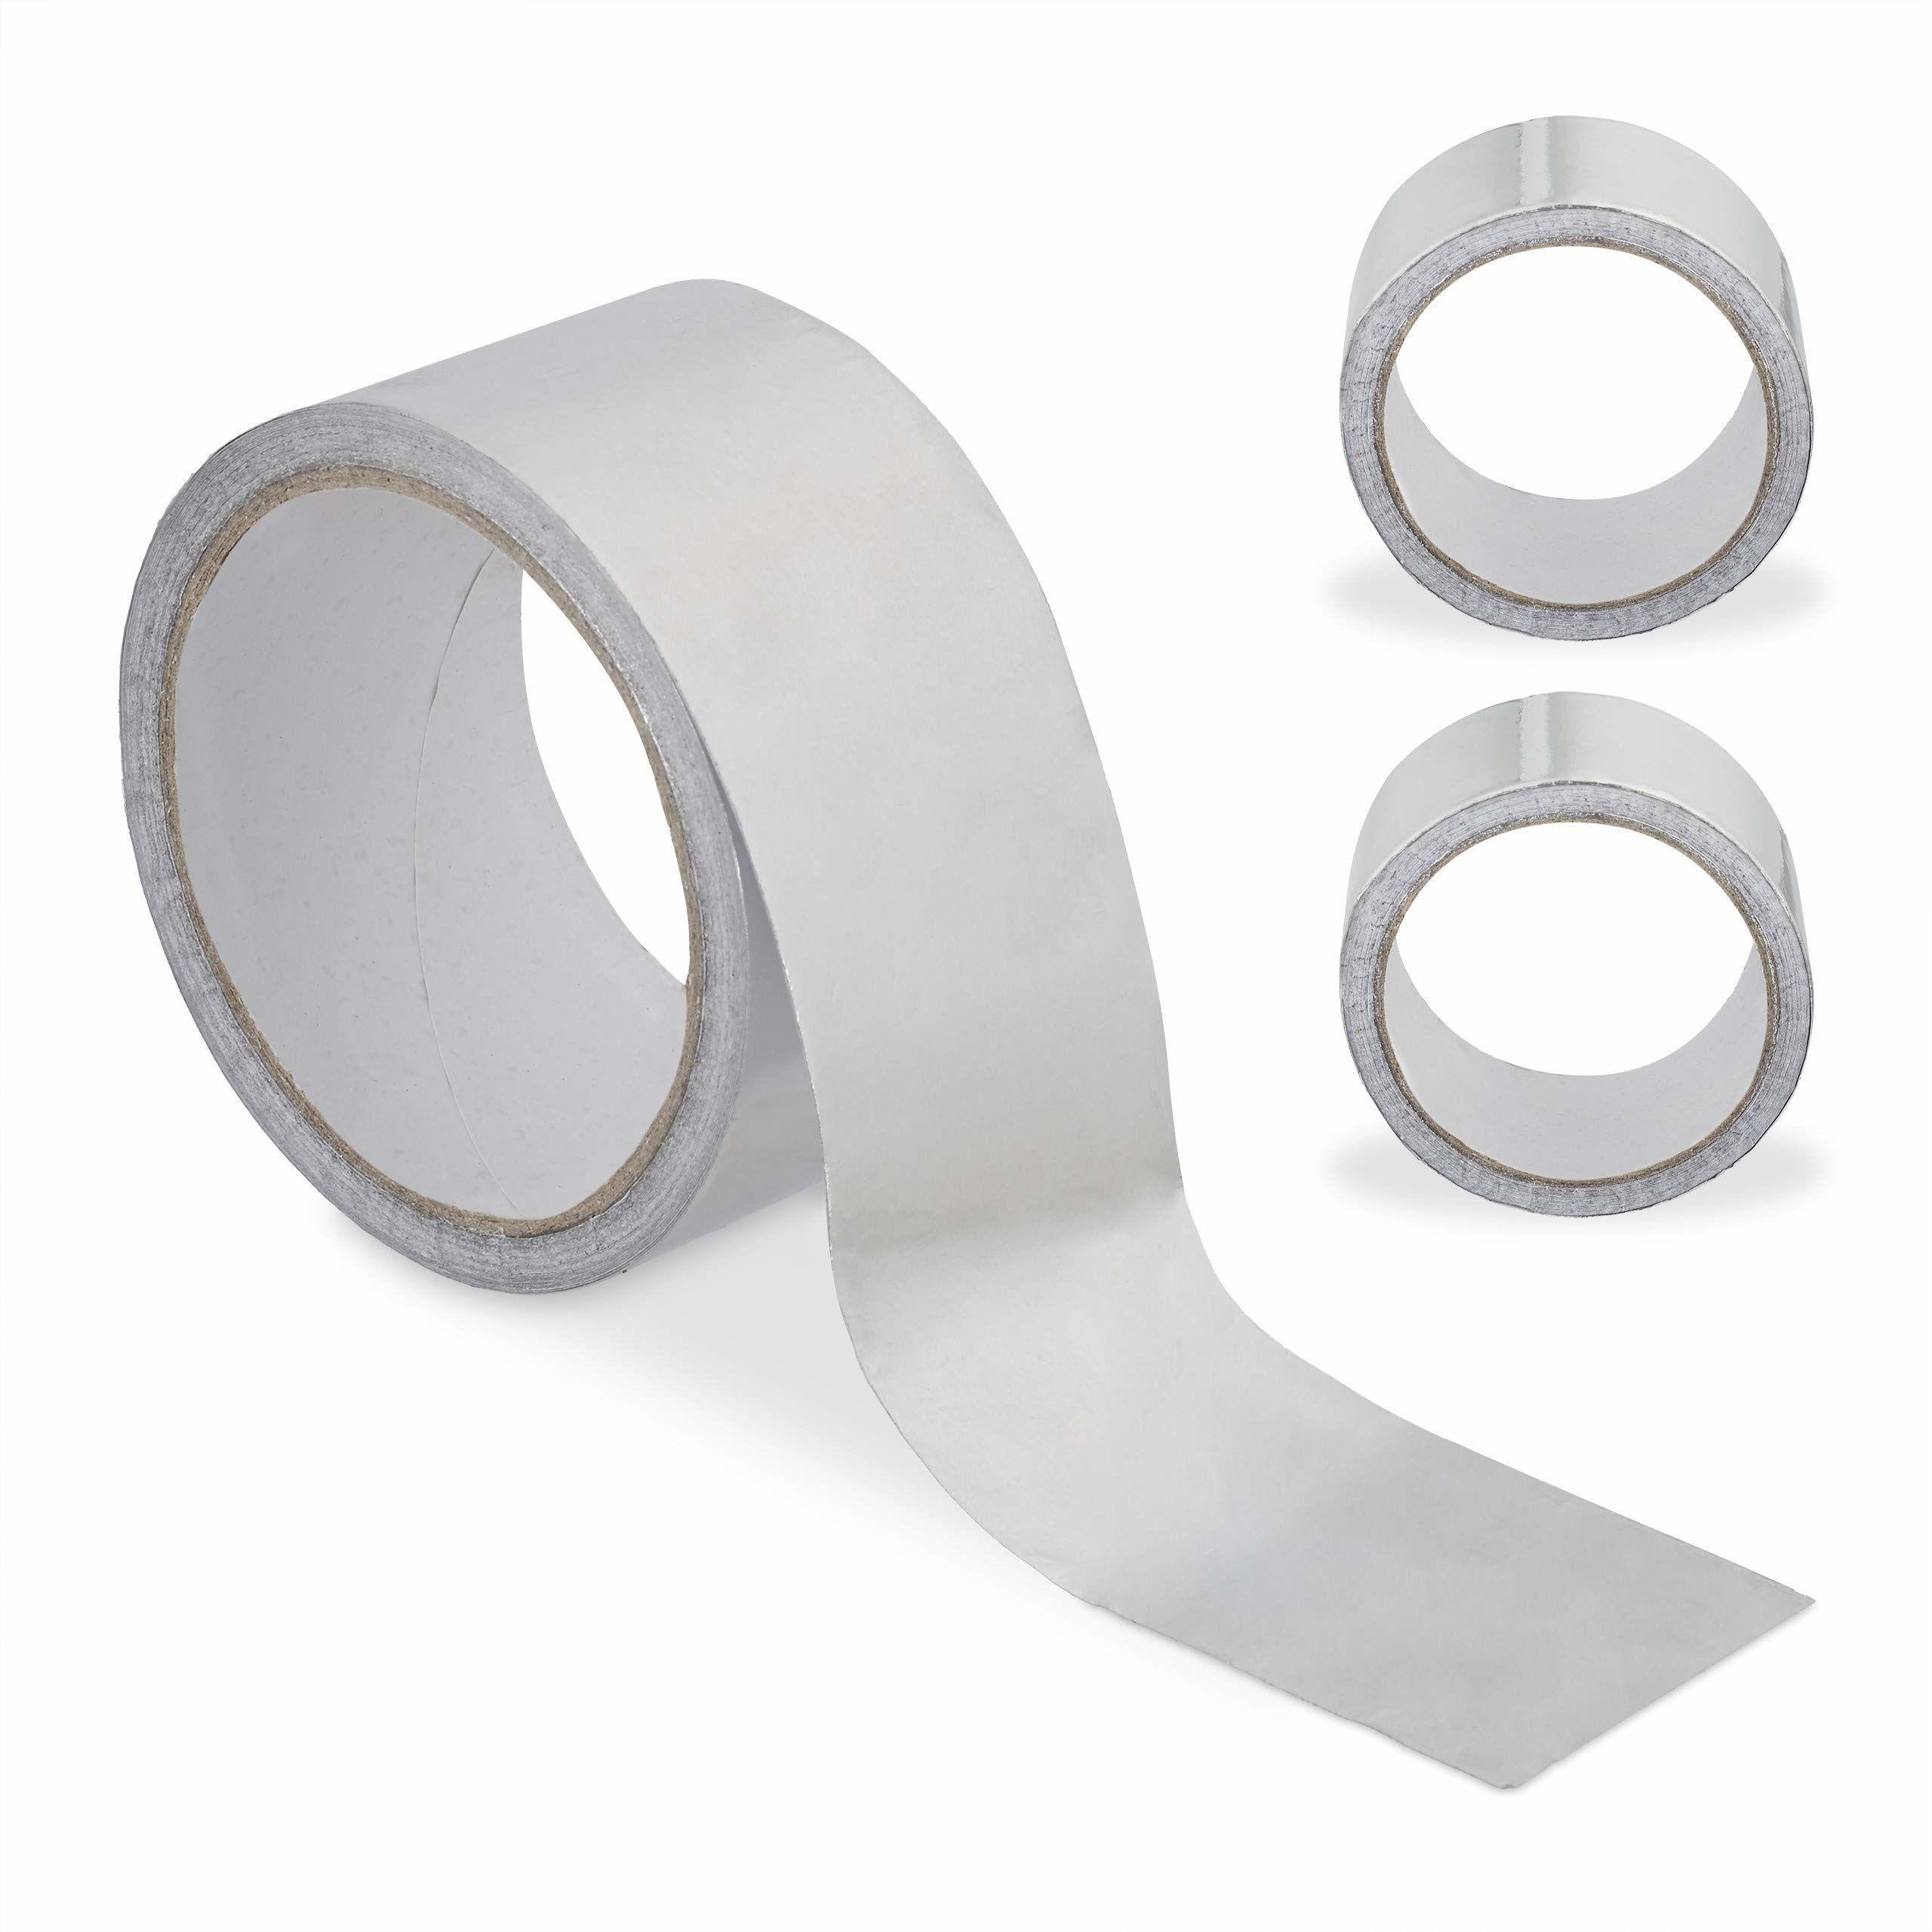 Relaxdays Aluminiowa taśma klejąca, zestaw 3-częściowy, odporna na działanie wody i ciepła, naprawa, uszczelnianie, szerokość 48 mm, długość 10 m, srebrna